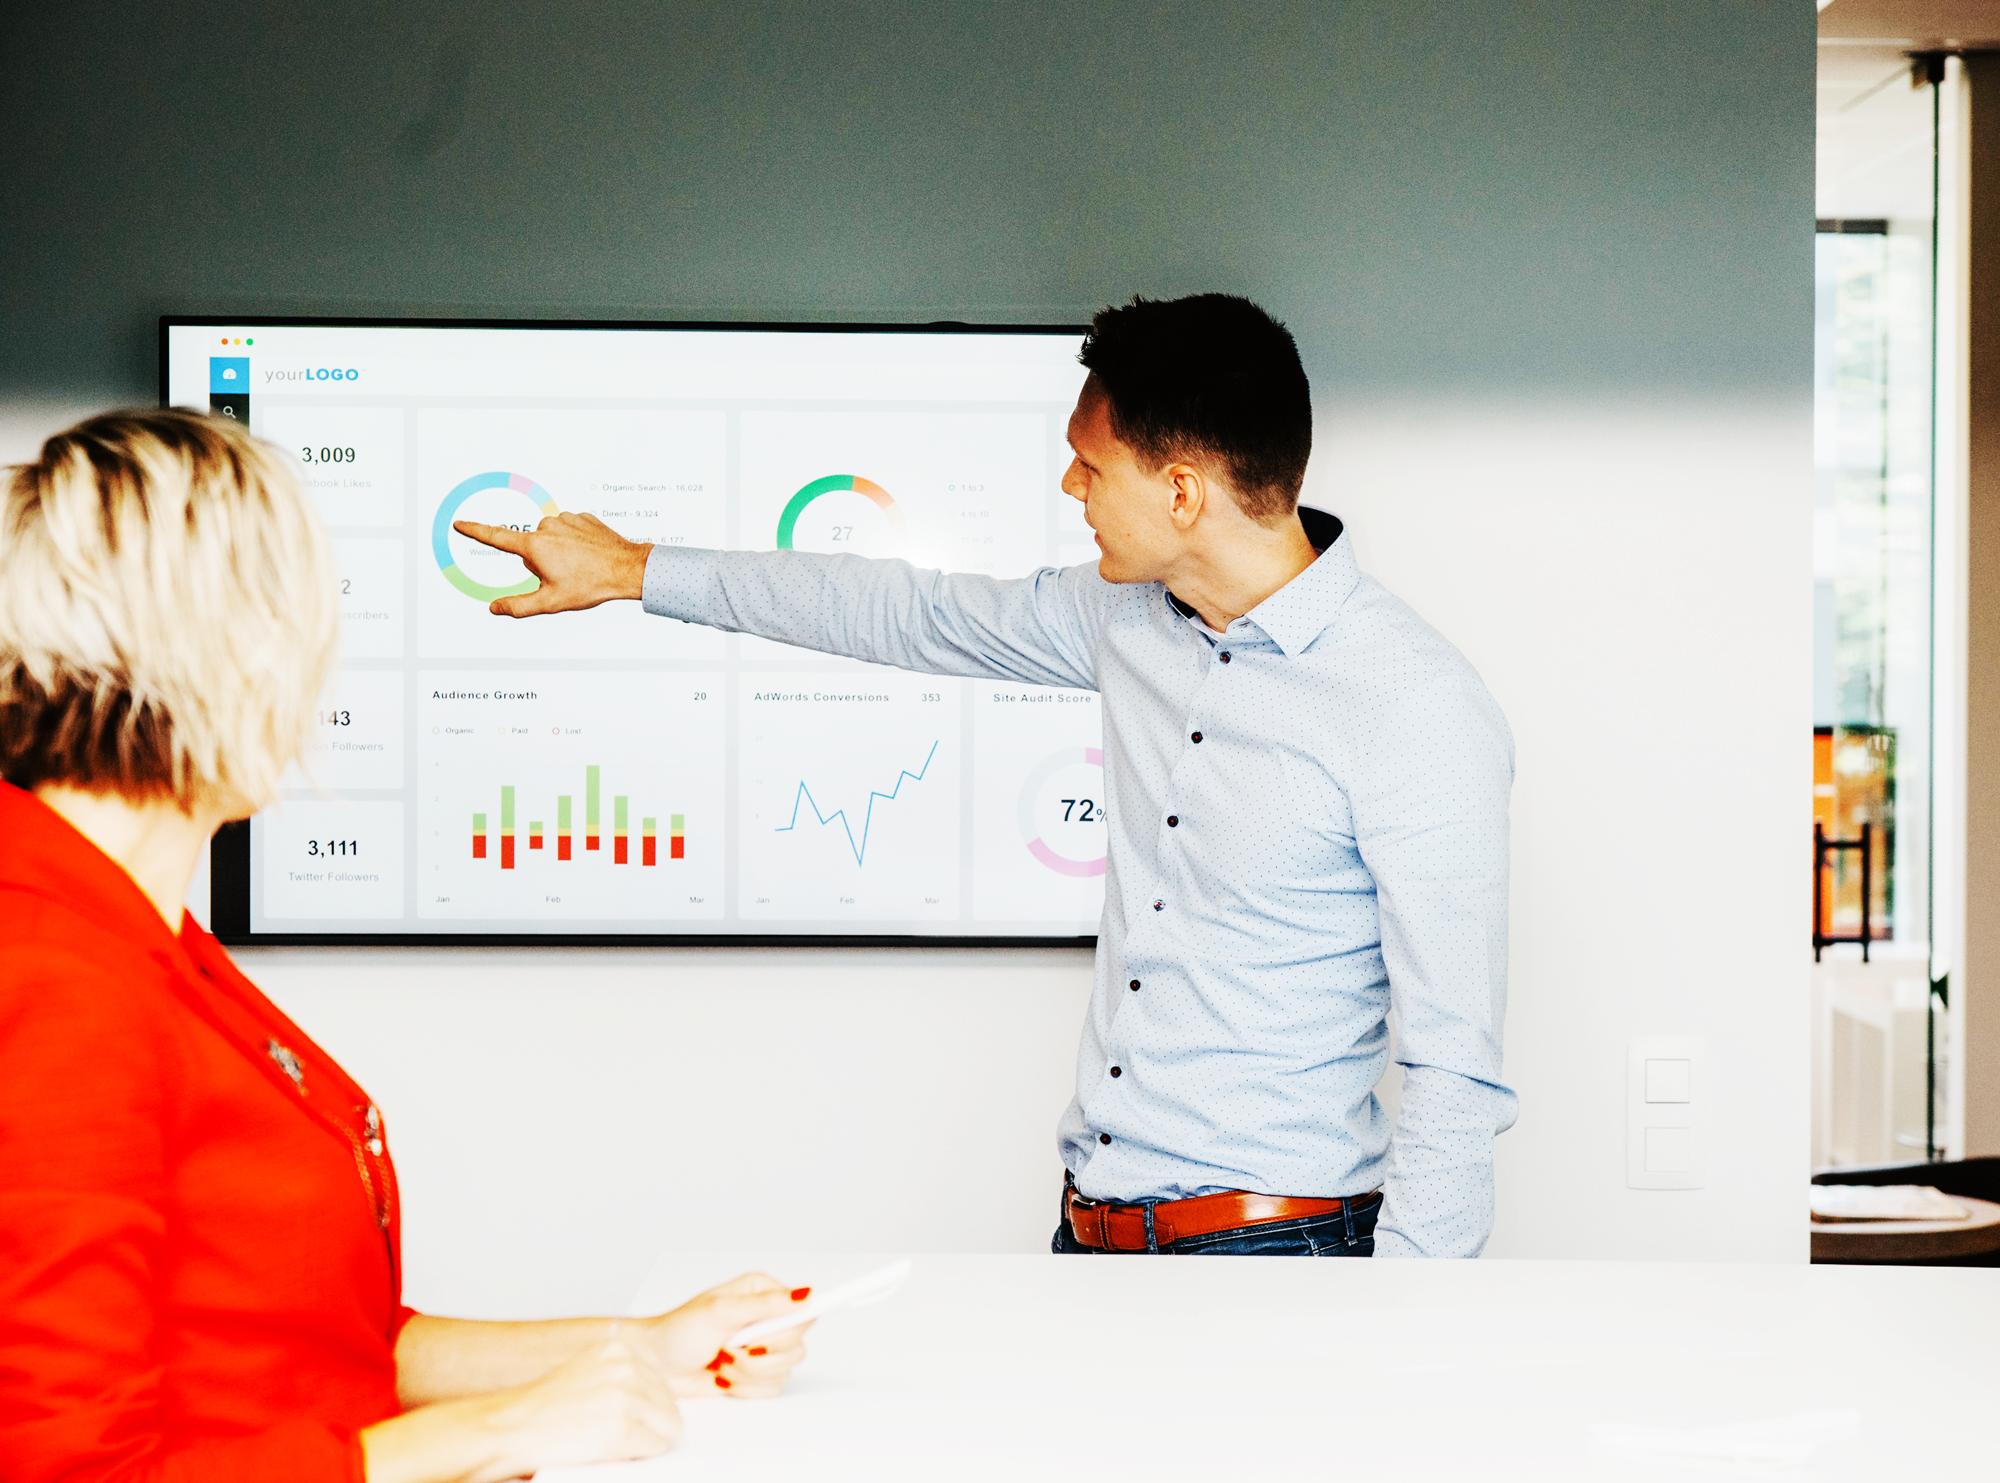 2 personen in een meeting waarvan er 1 naar een scherm wijst